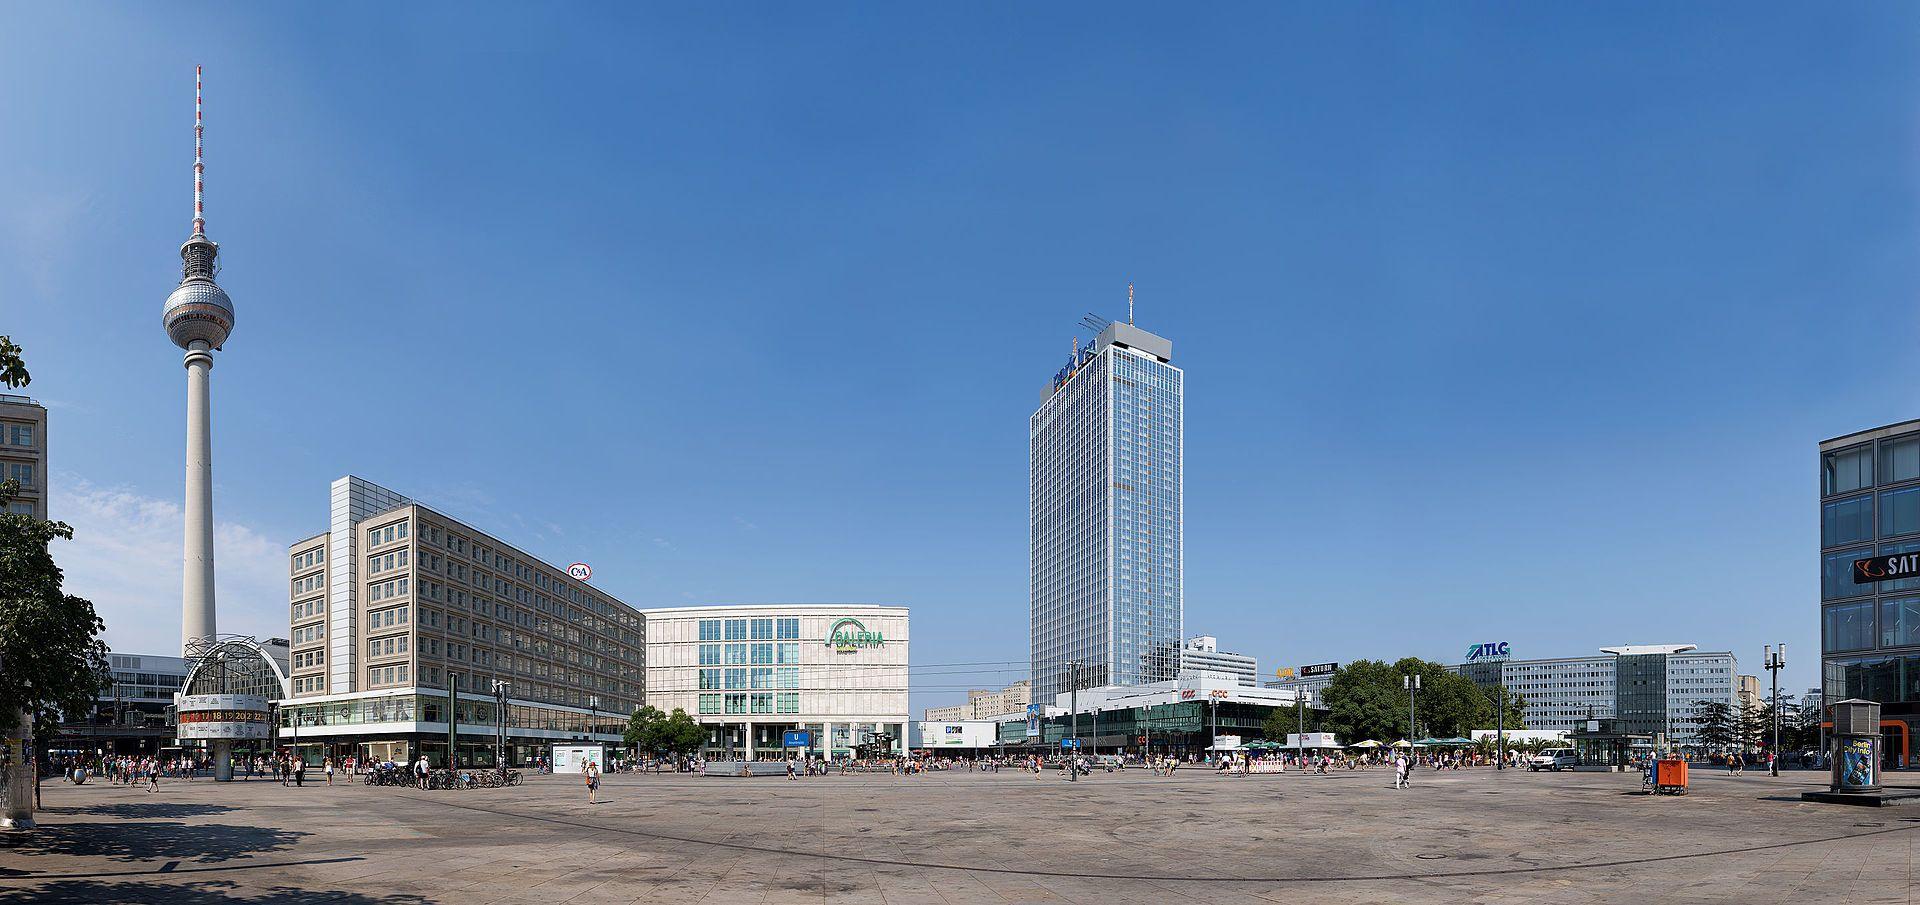 Alexanderplatz In Berlin Mit Dem Fernsehturm Der Urania Weltzeituhr Und Dem Fernsehturm Weltzeituhr Turm